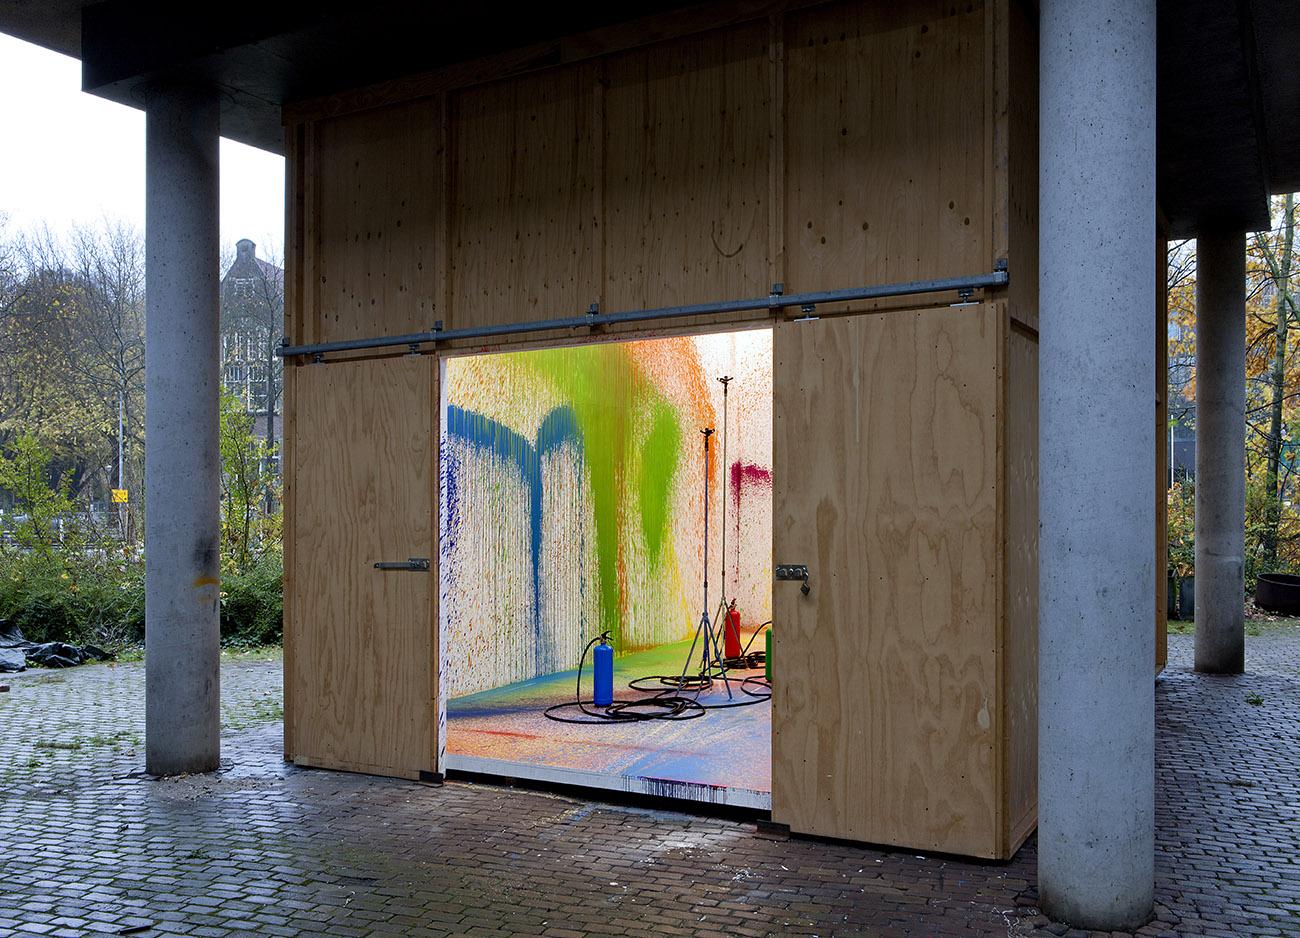 03 © Rutger de Vries, Spectrum, 2017, Photo by Gert Jan van Rooij